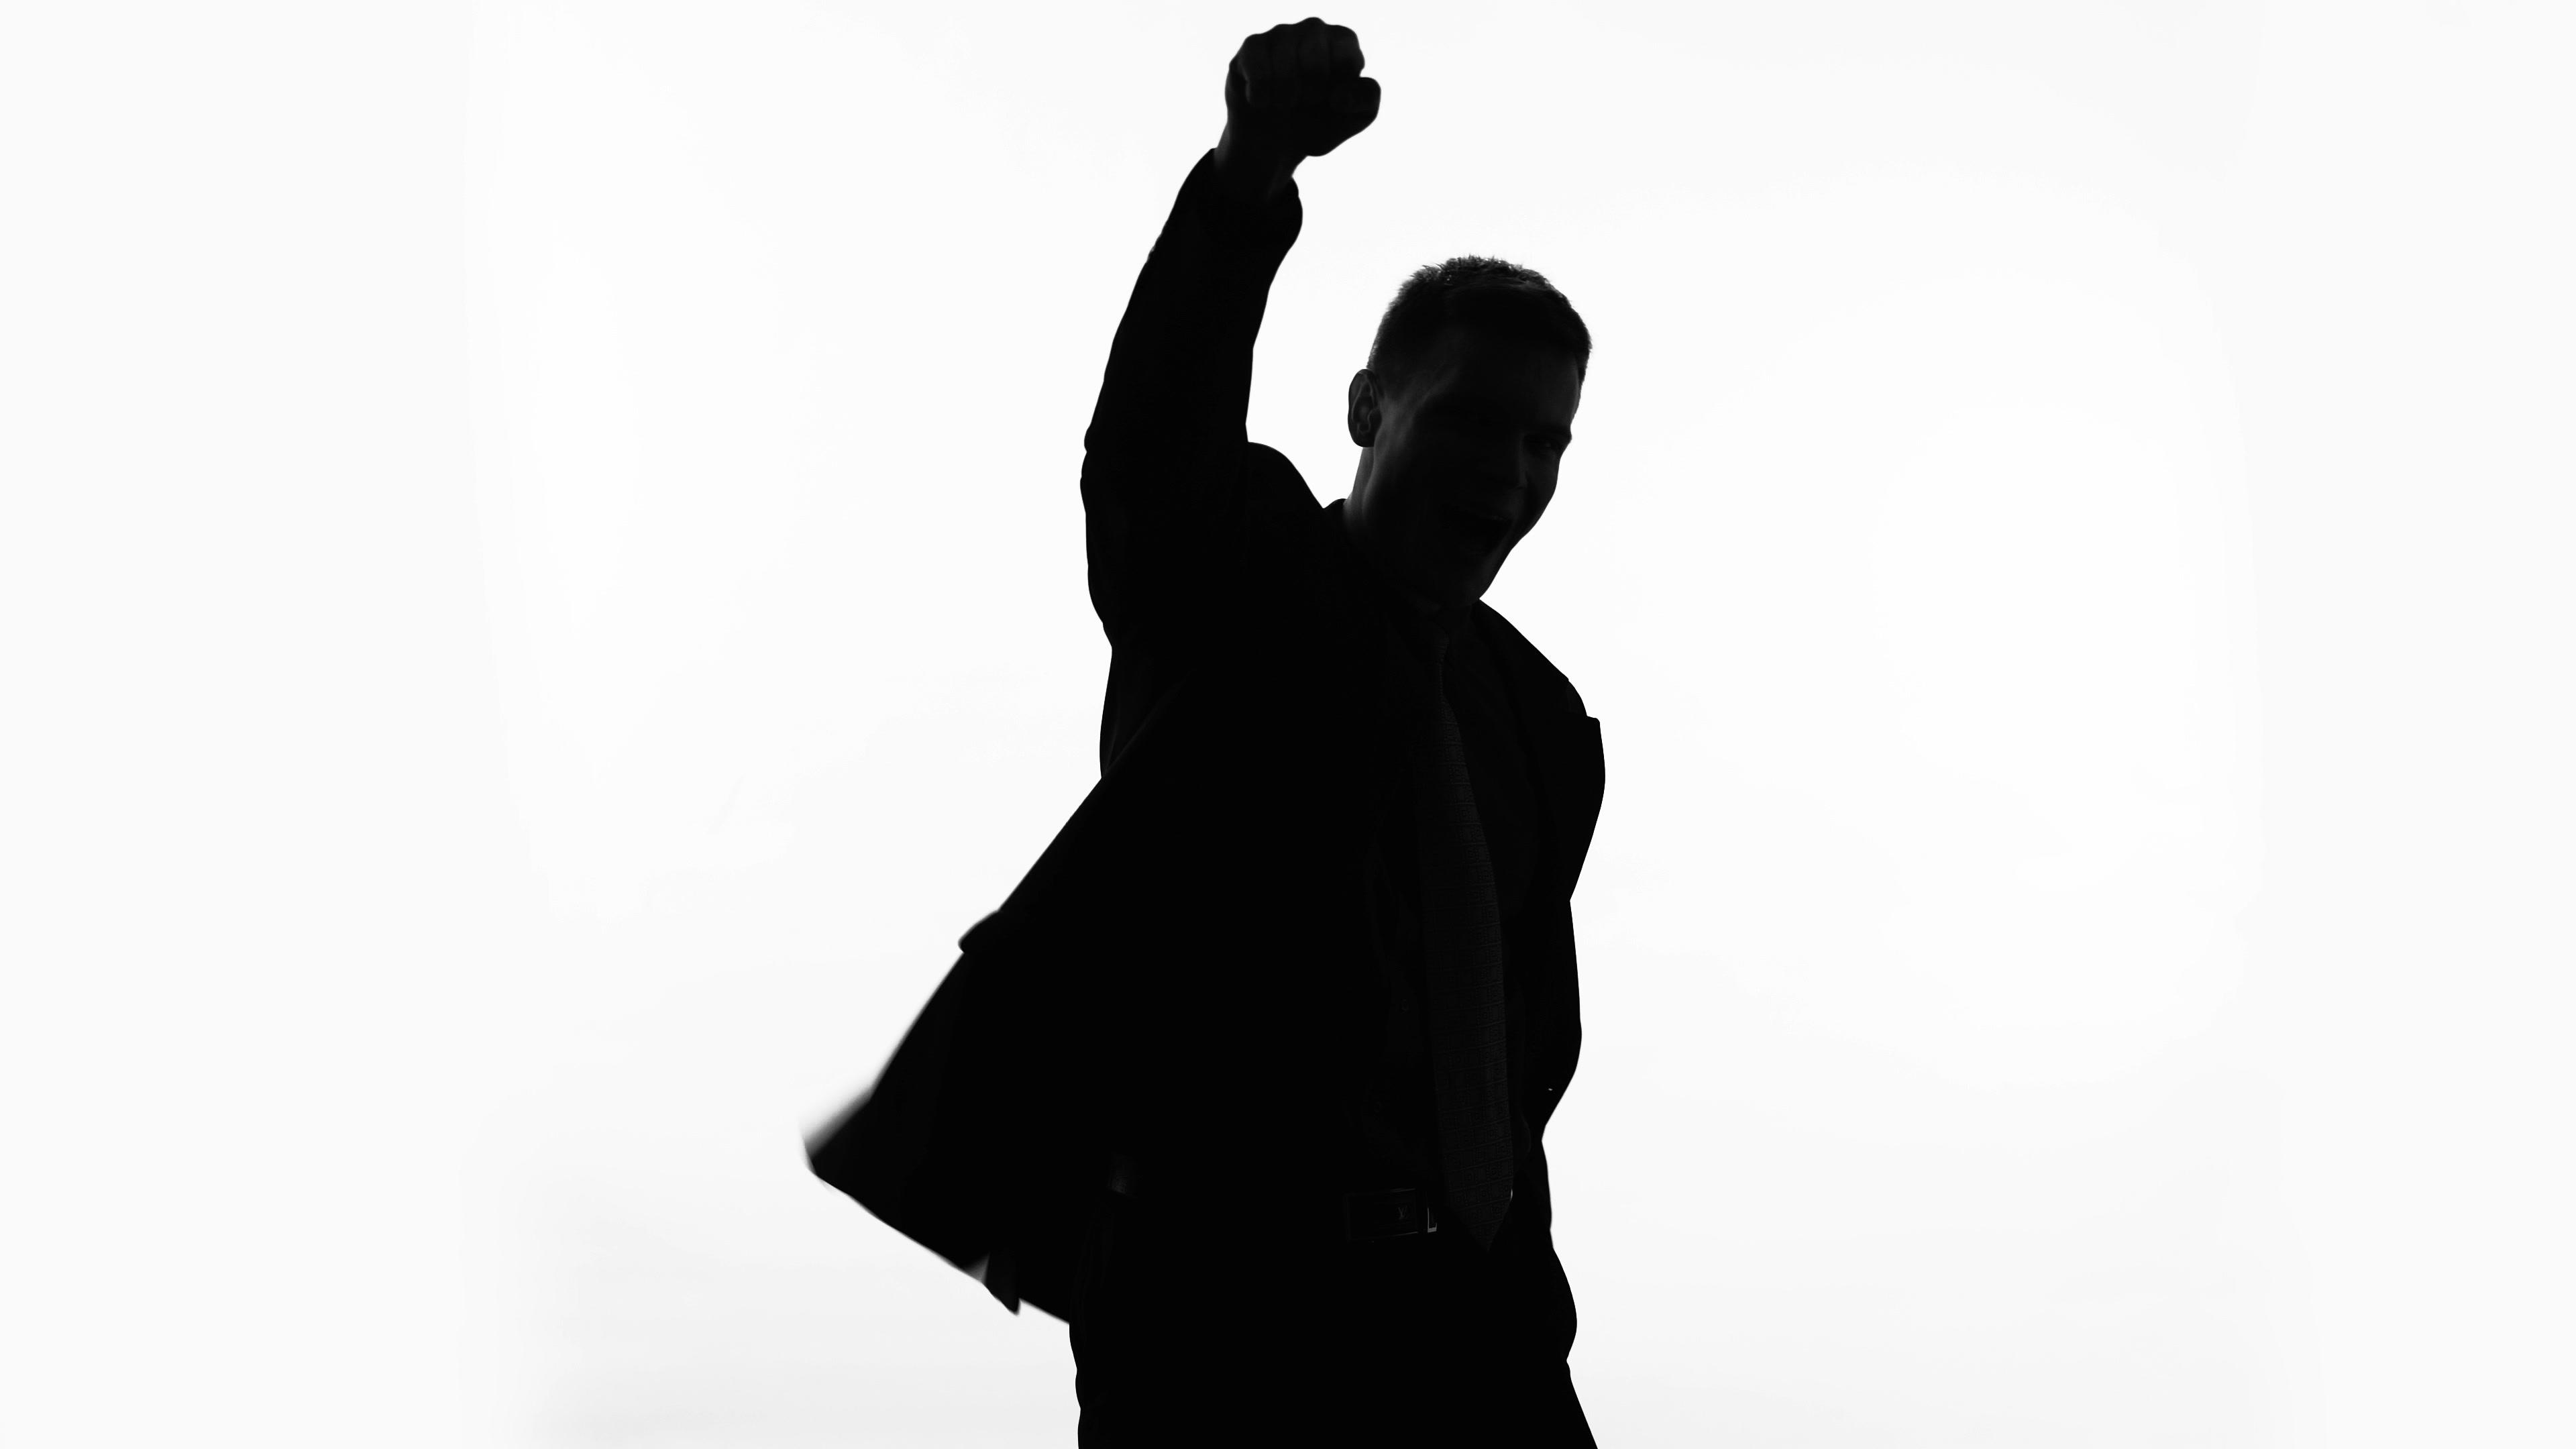 3840x2160 Businessman Silhouette Raises Fist Up, Celebrates Success, Proud